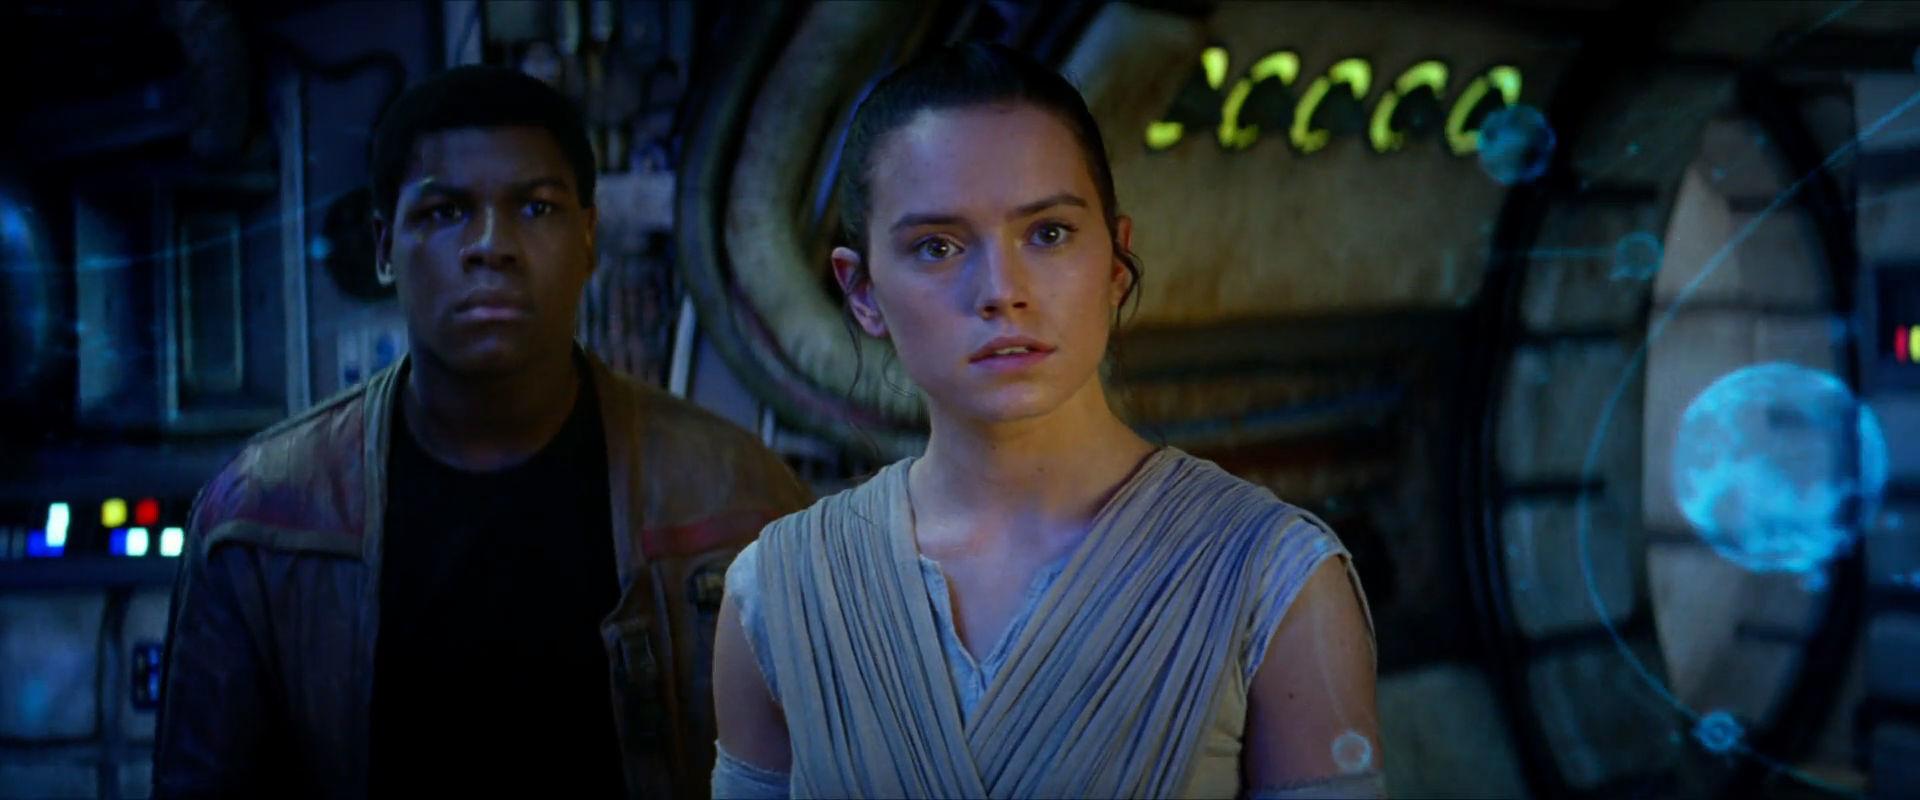 הטריילר החדש של מלחמת הכוכבים: הכוח מתעורר